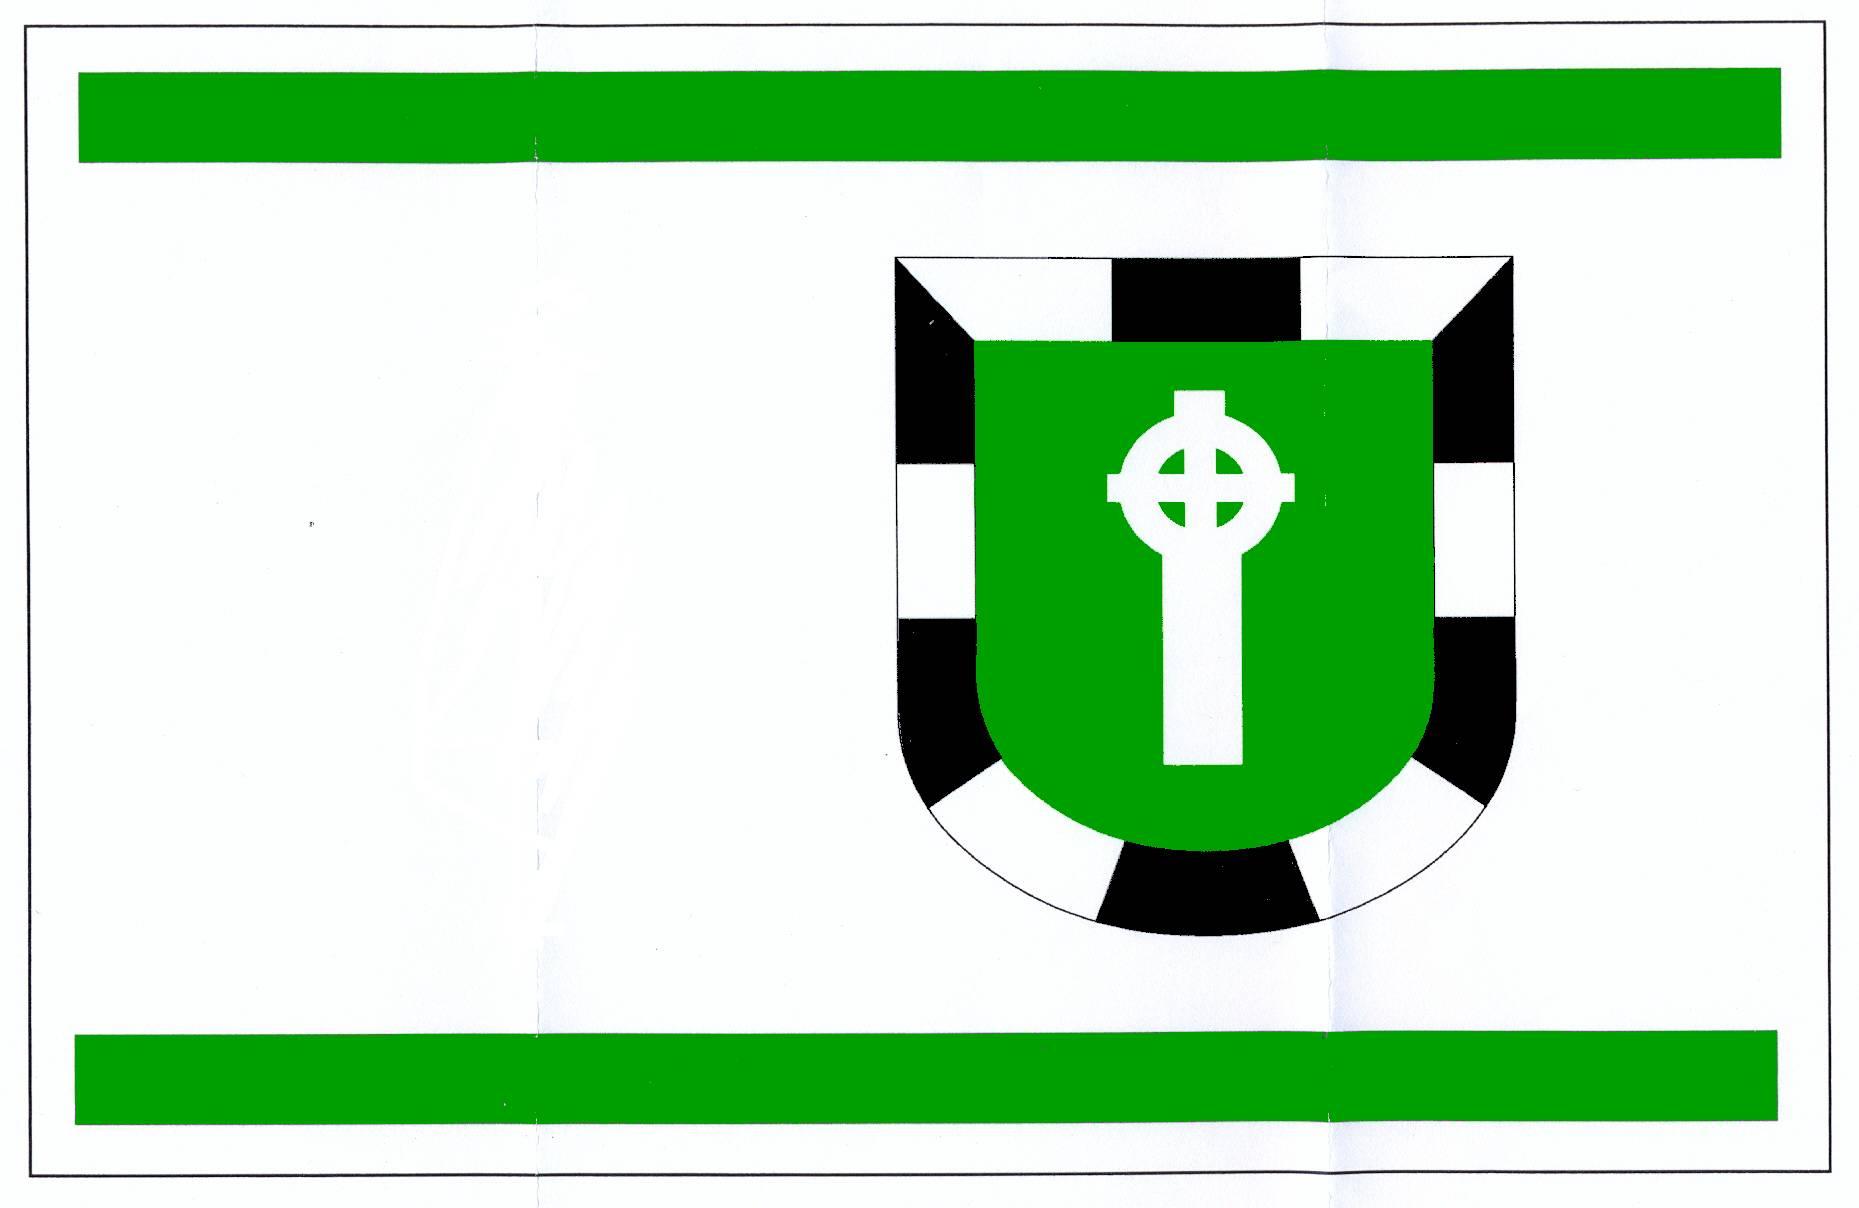 Flagge GemeindeEinhaus, Kreis Herzogtum Lauenburg